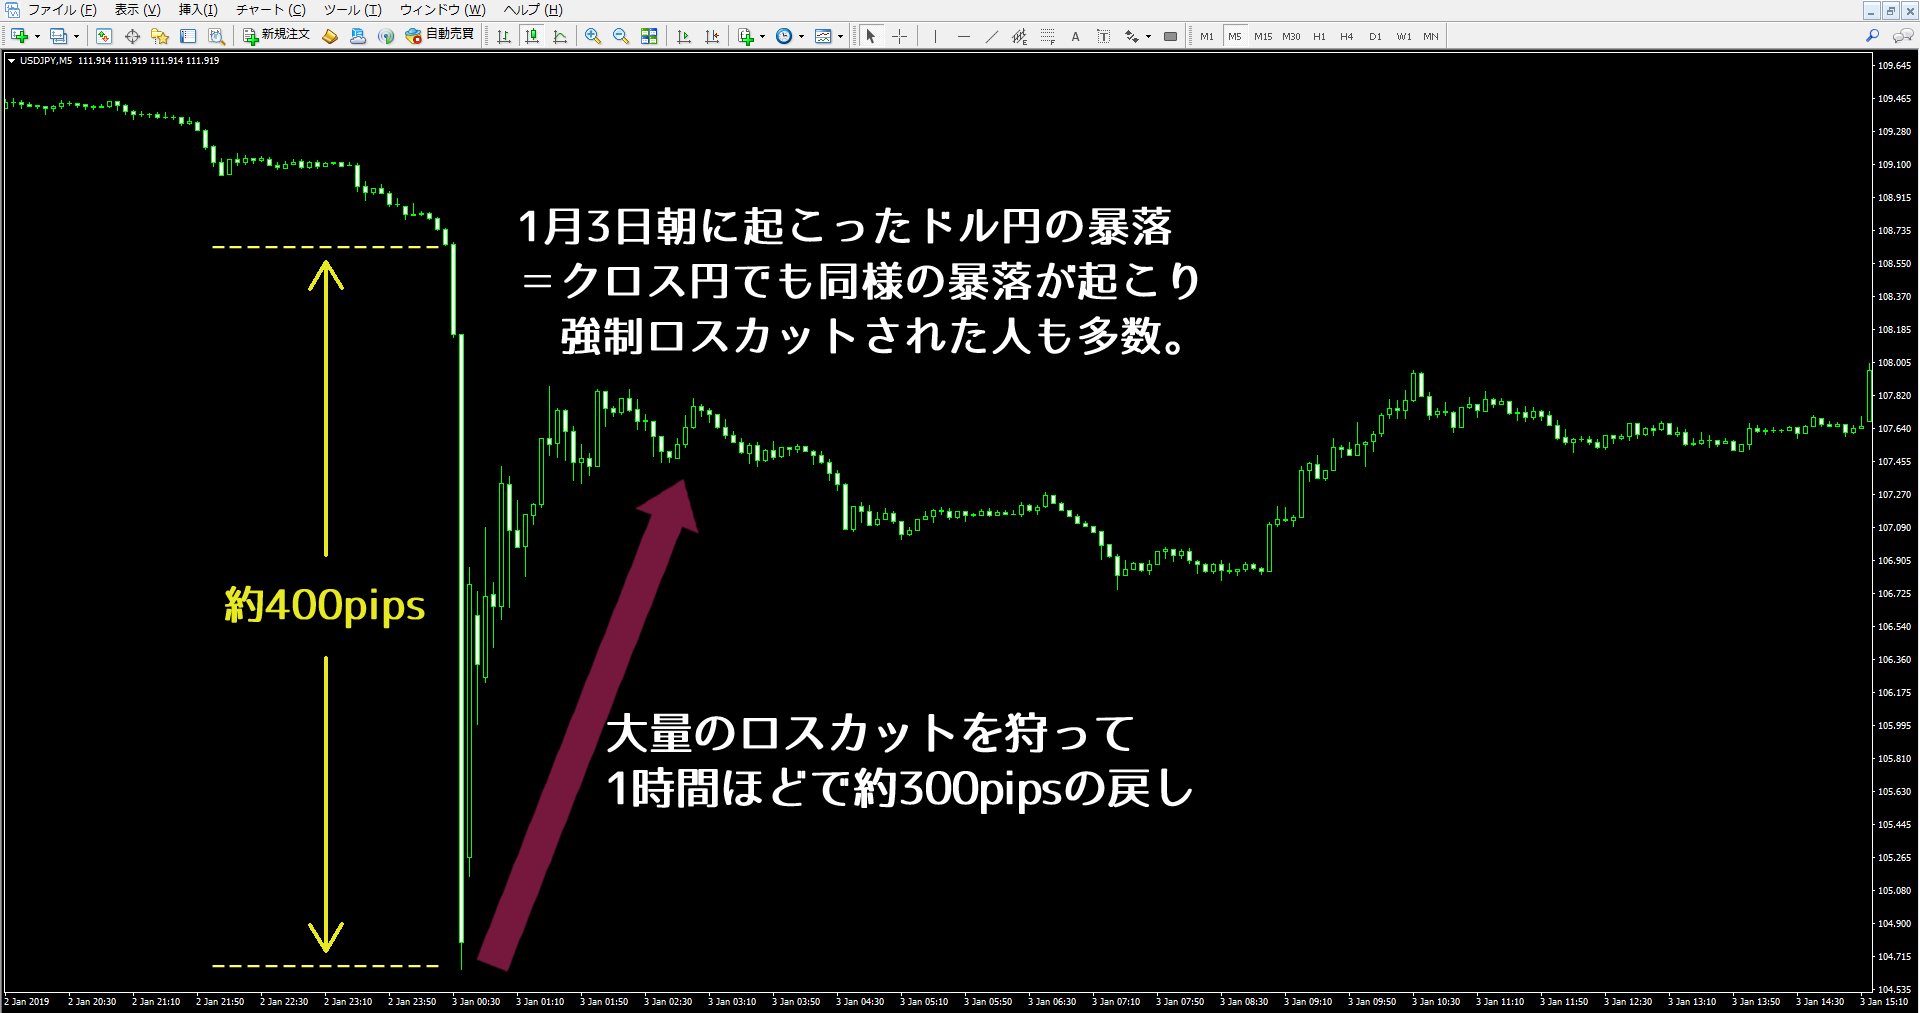 2019年1月3日に起きたドル円のフラッシュクラッシュ